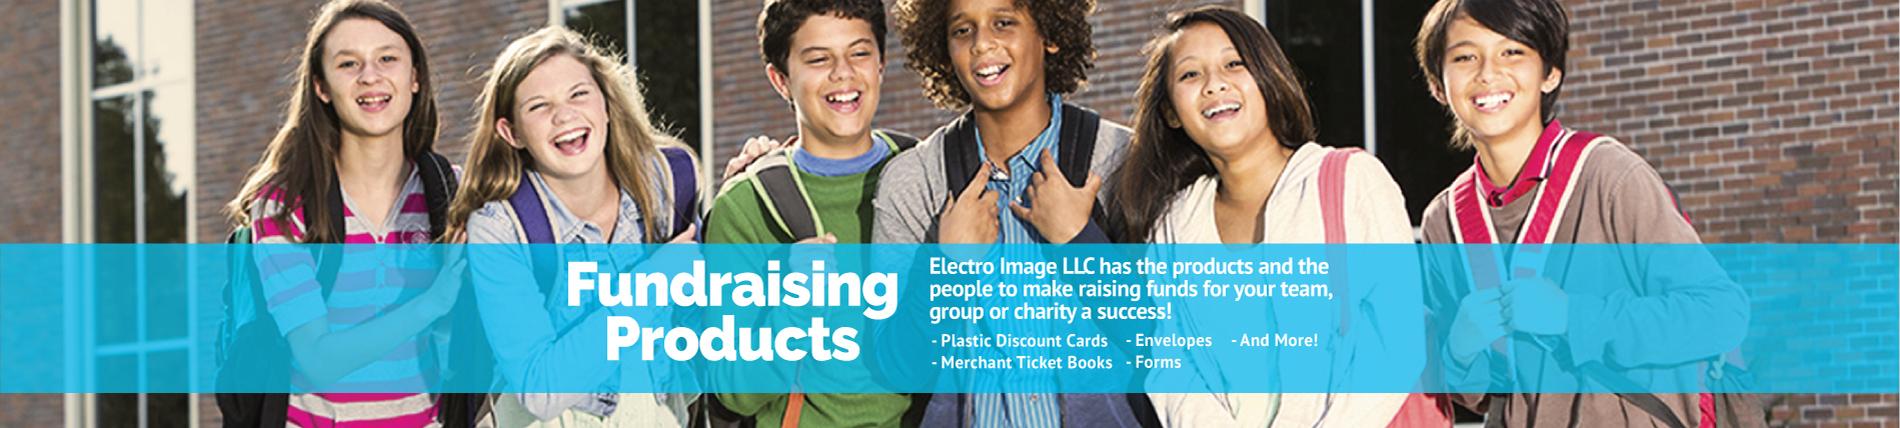 ElectroImage_fundraising_slider3